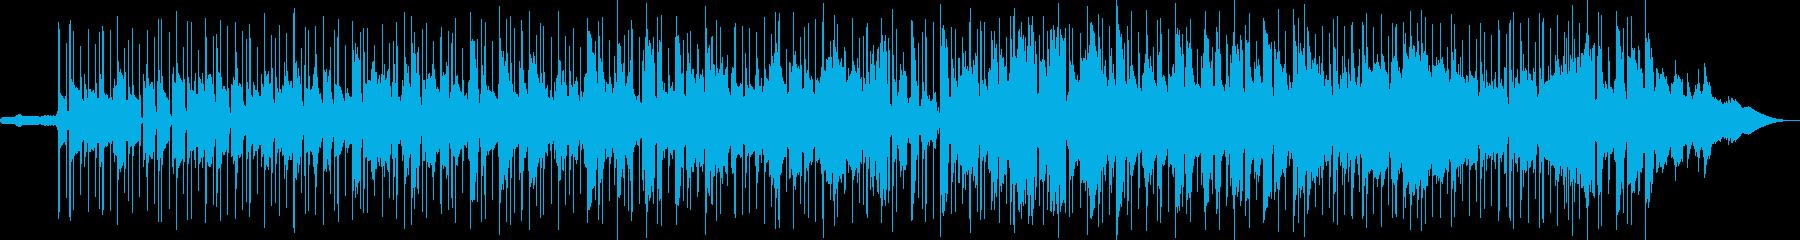 ソフトポップロック、男性ボーカル。...の再生済みの波形